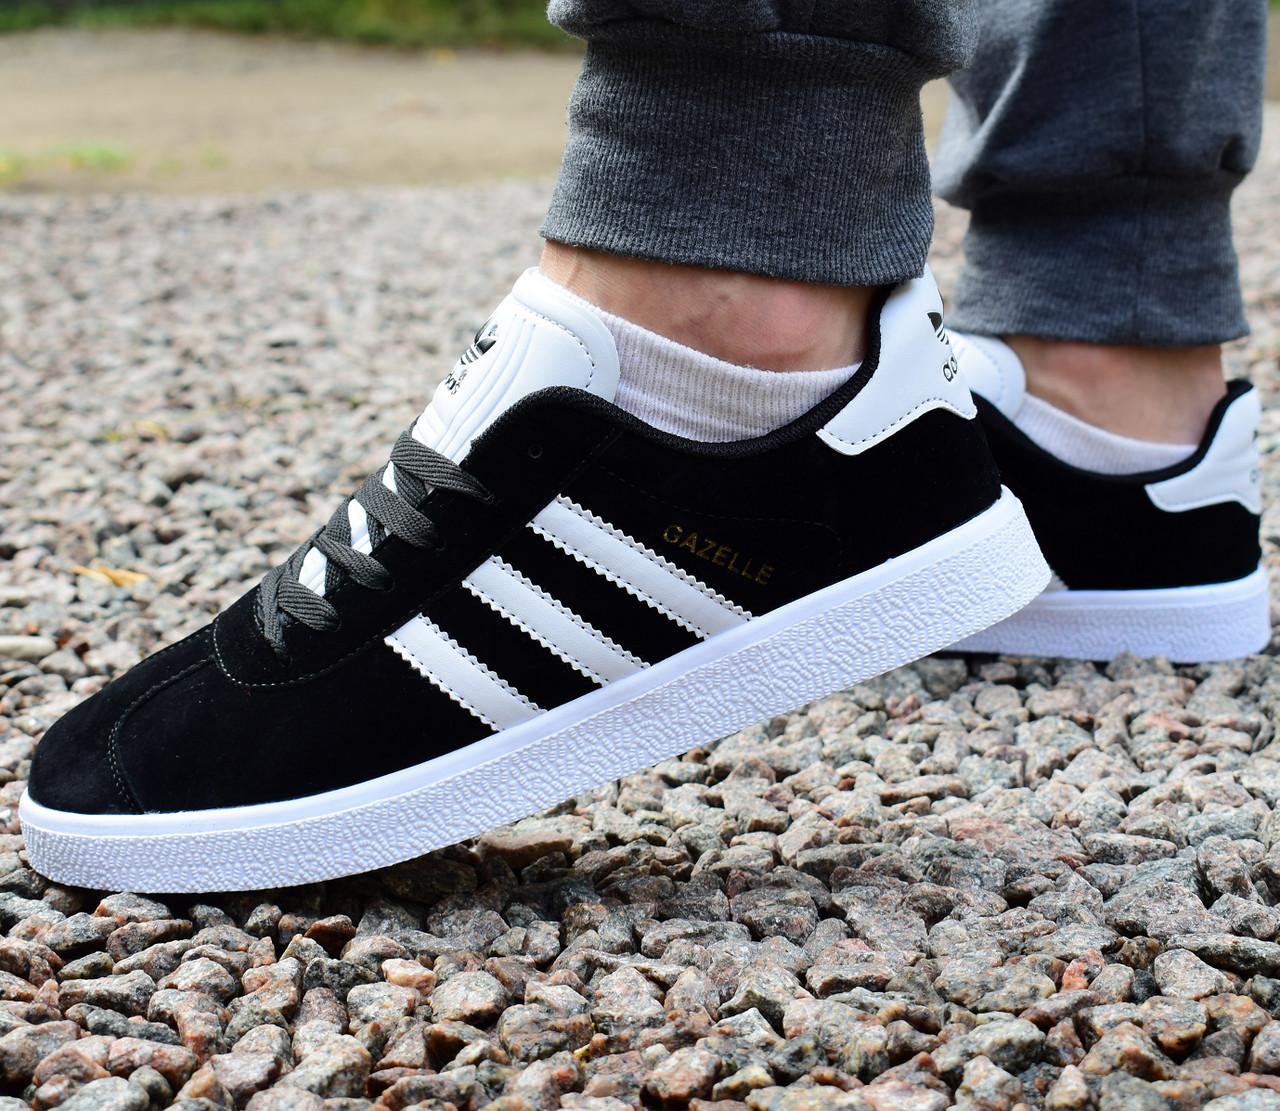 68b09717279d69 Кроссовки мужские Adidas Gazelle черные купить в Украине оптом и в ...